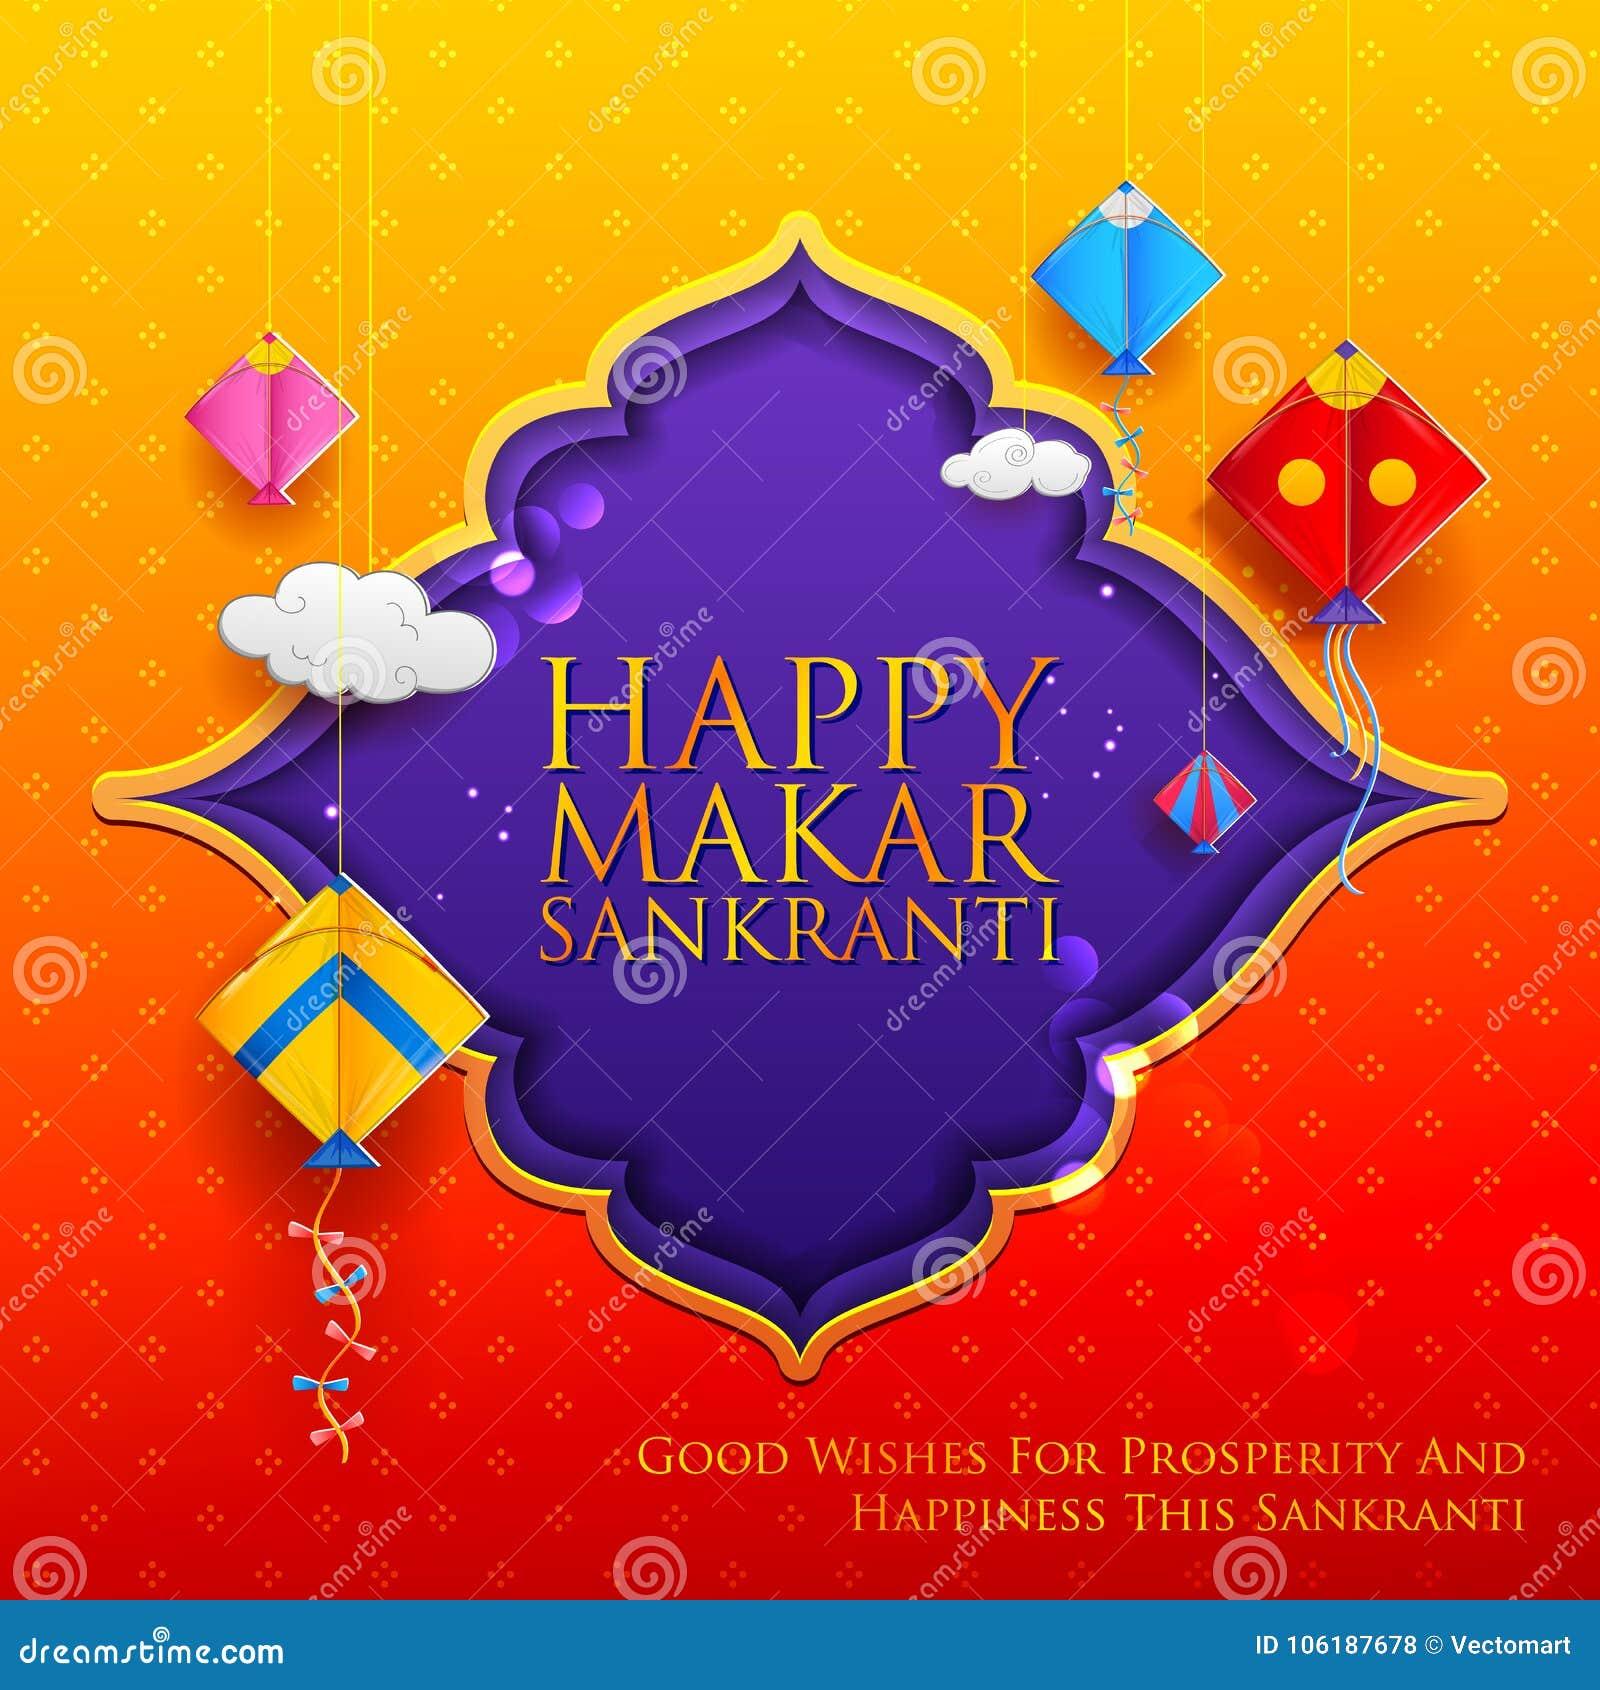 Happy Makar Sankranti Wallpaper With Colorful Kite String Stock